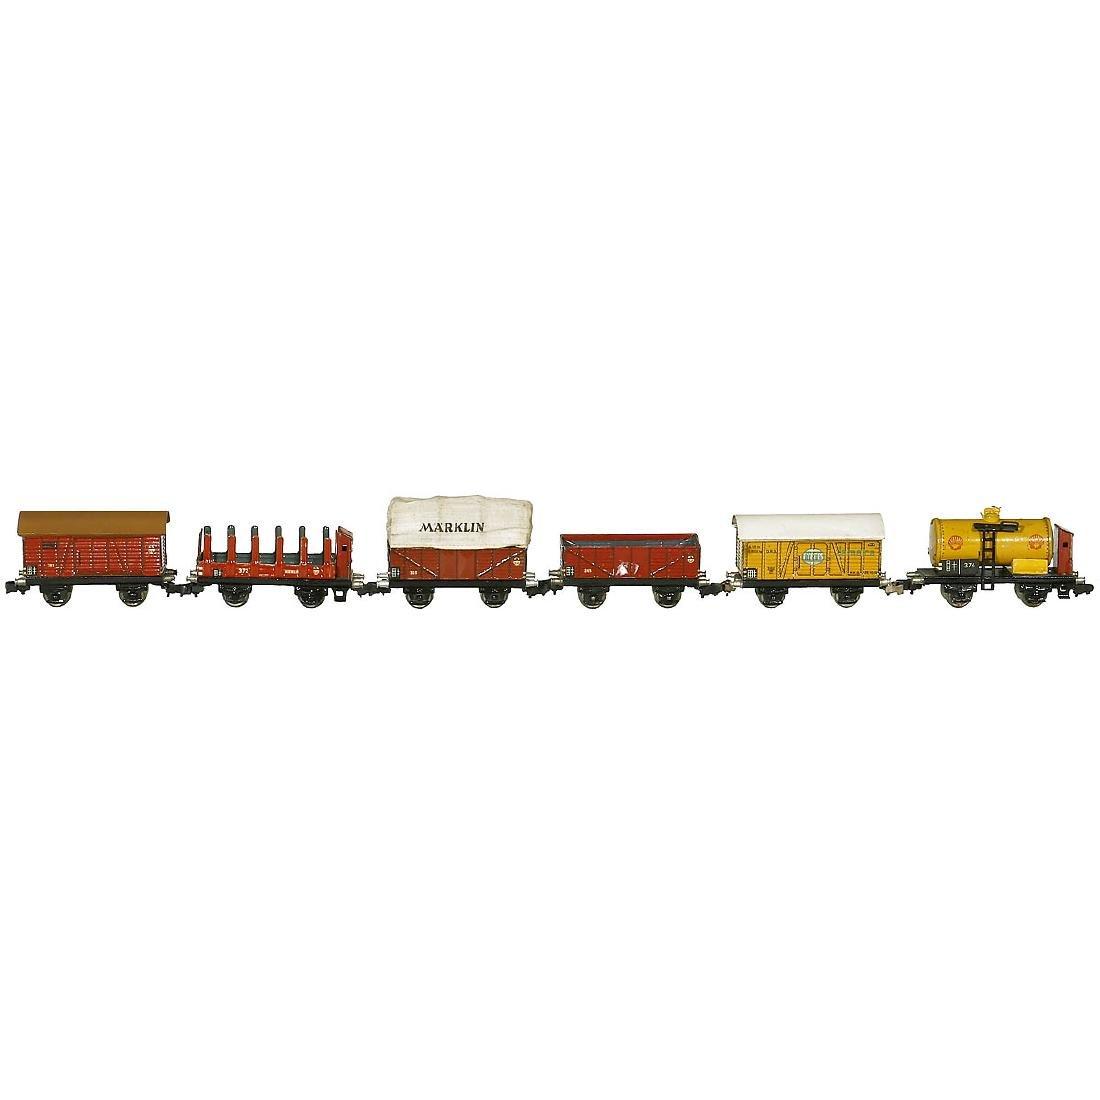 6 Märklin Freight Wagons, c. 1938